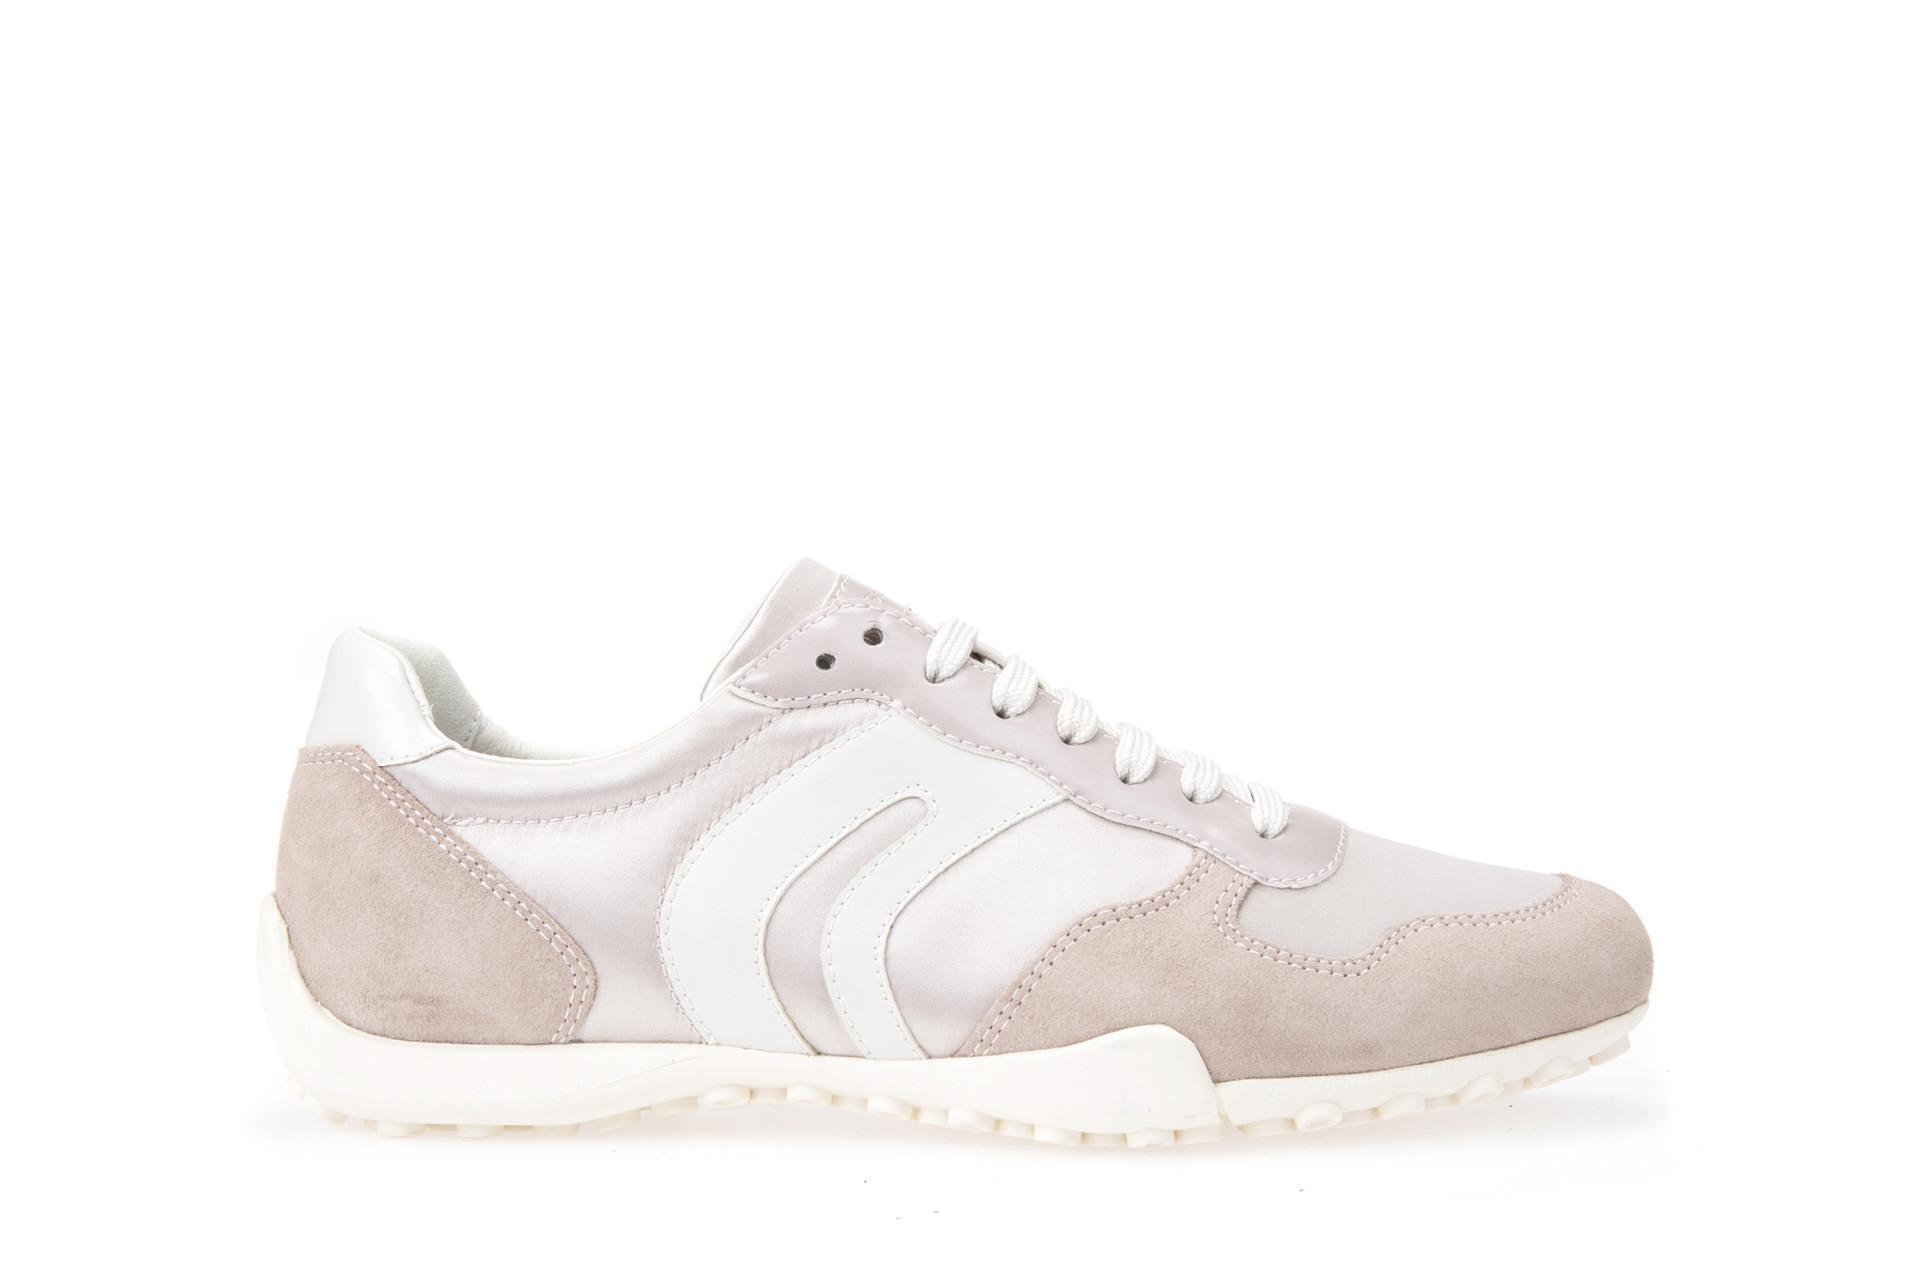 60d66f1b605 Buy Geox Heeled Sandals   Women Fashion   Lazada.sg